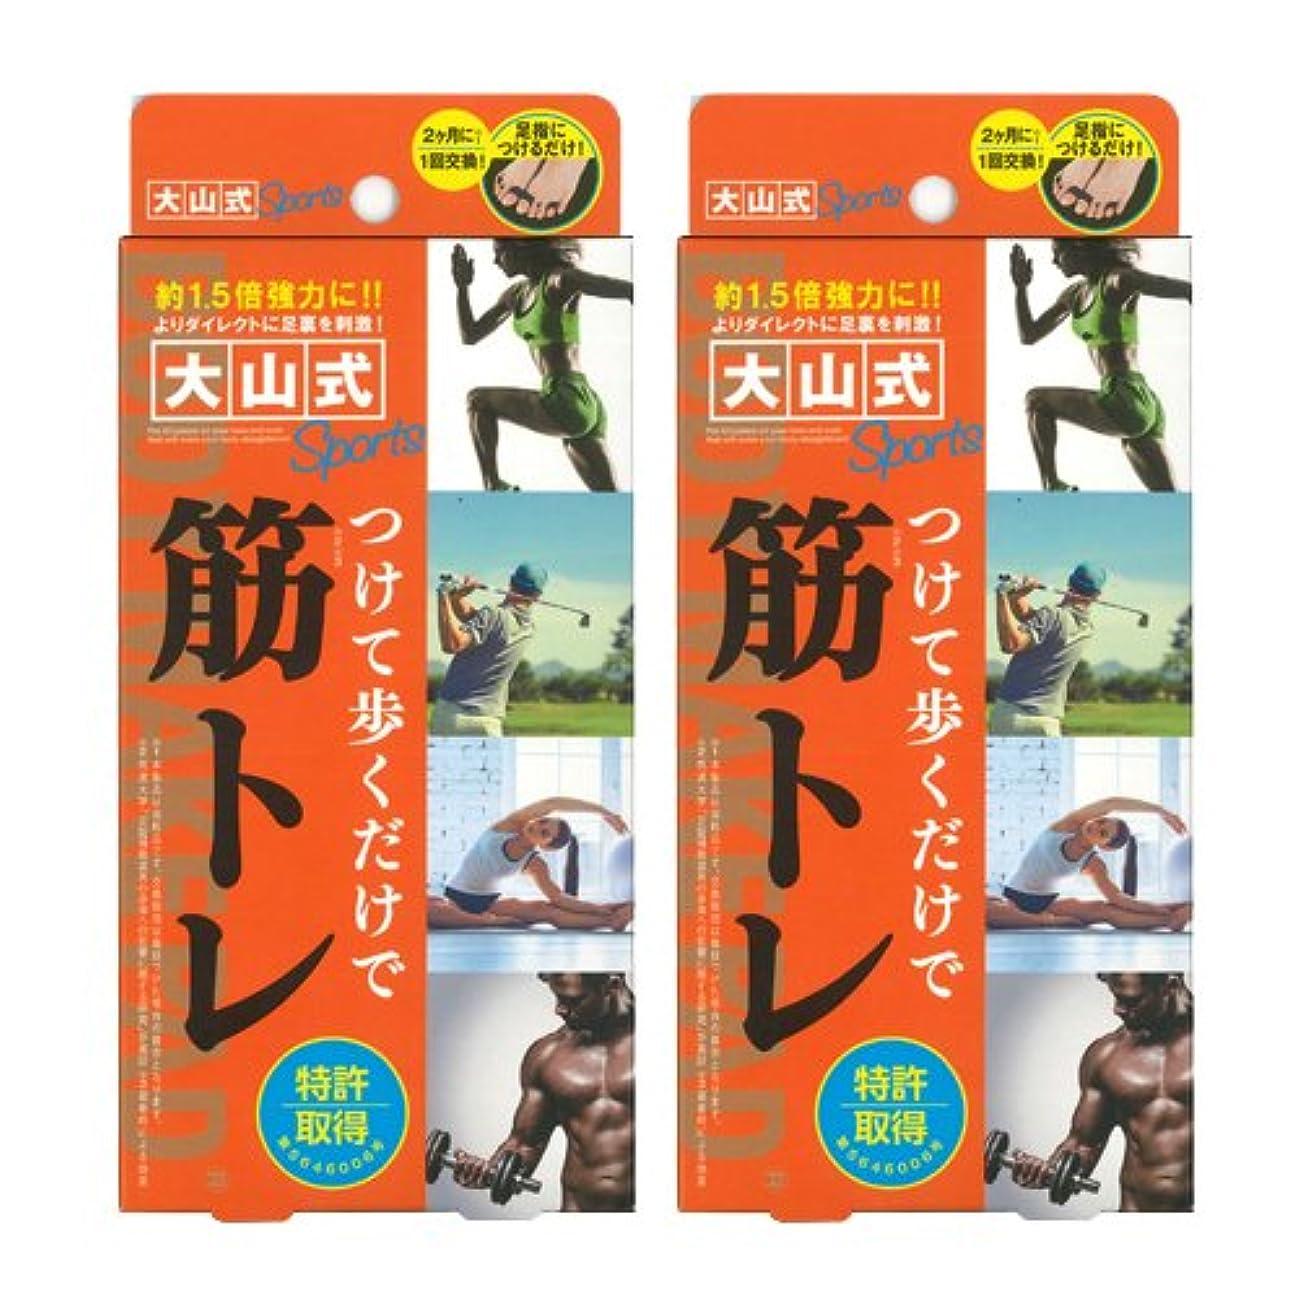 雰囲気浴であること大山式ボディメイクパッド スポーツ ×2箱セット